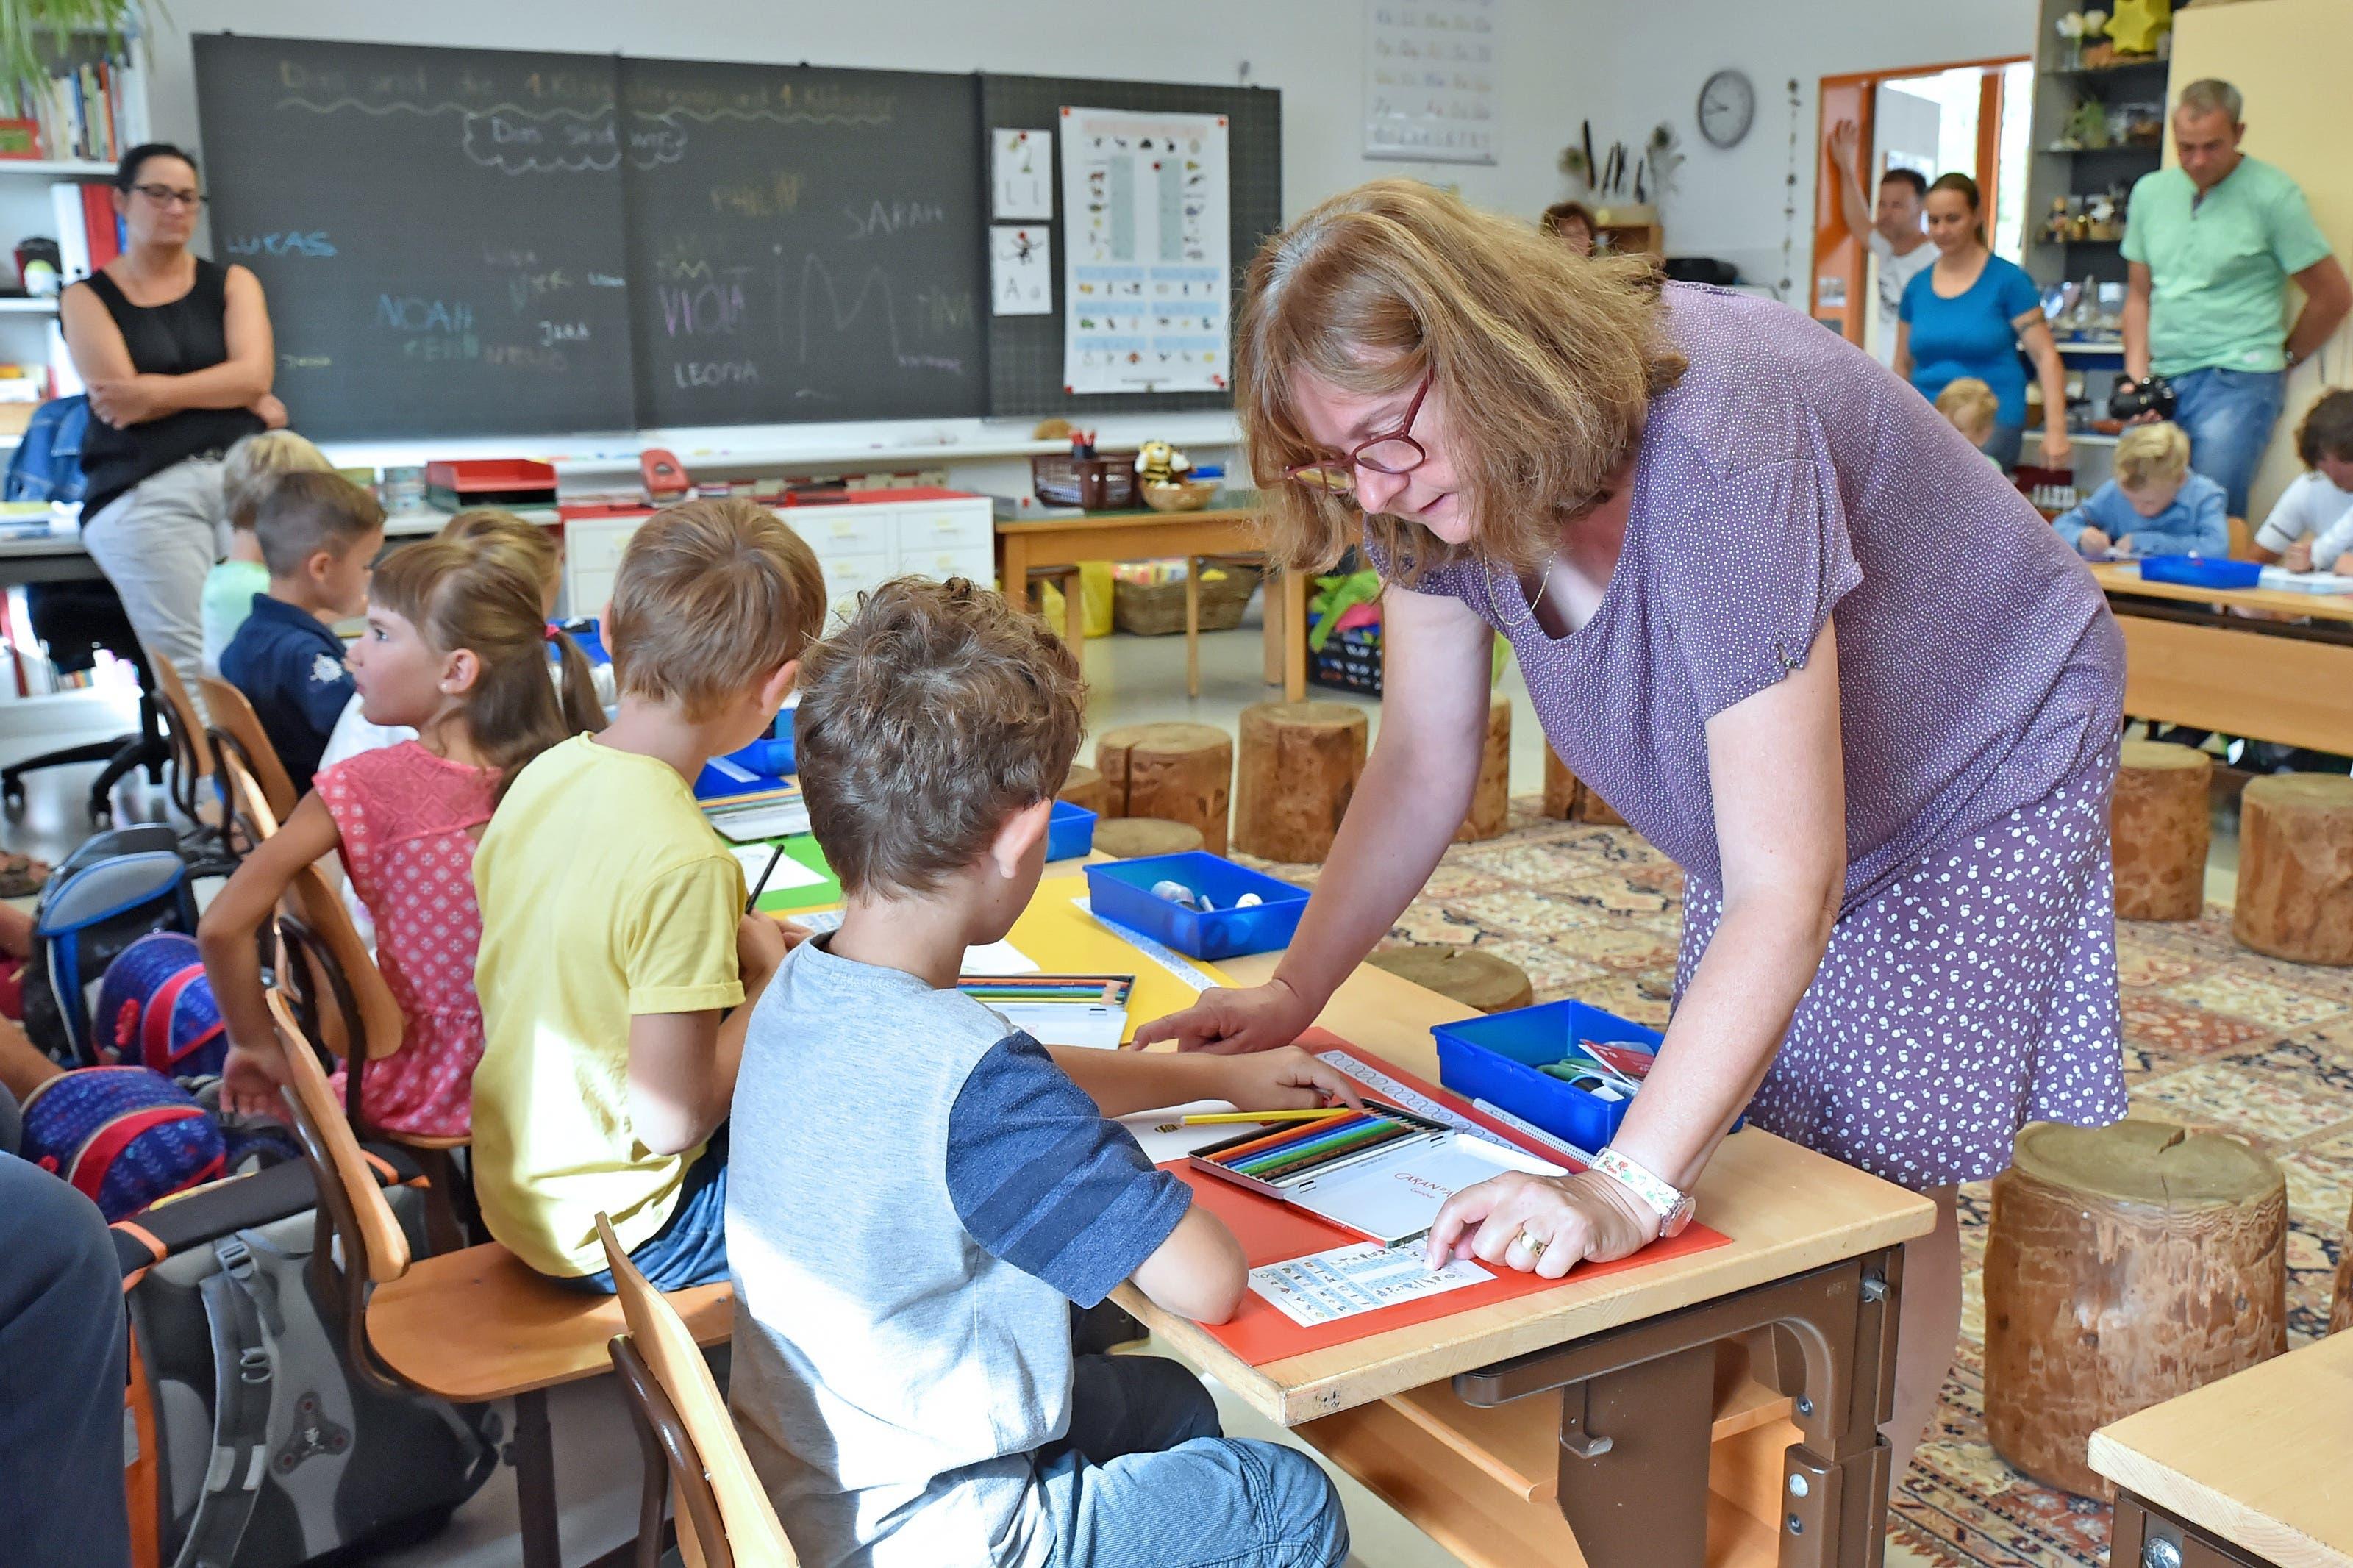 Schulanfang in Fulenbach. Bei Rosi Wiggli dürfen die Kinder mit ihrem neuen Farbkasten Bär und Tiger zeichnen und malen.